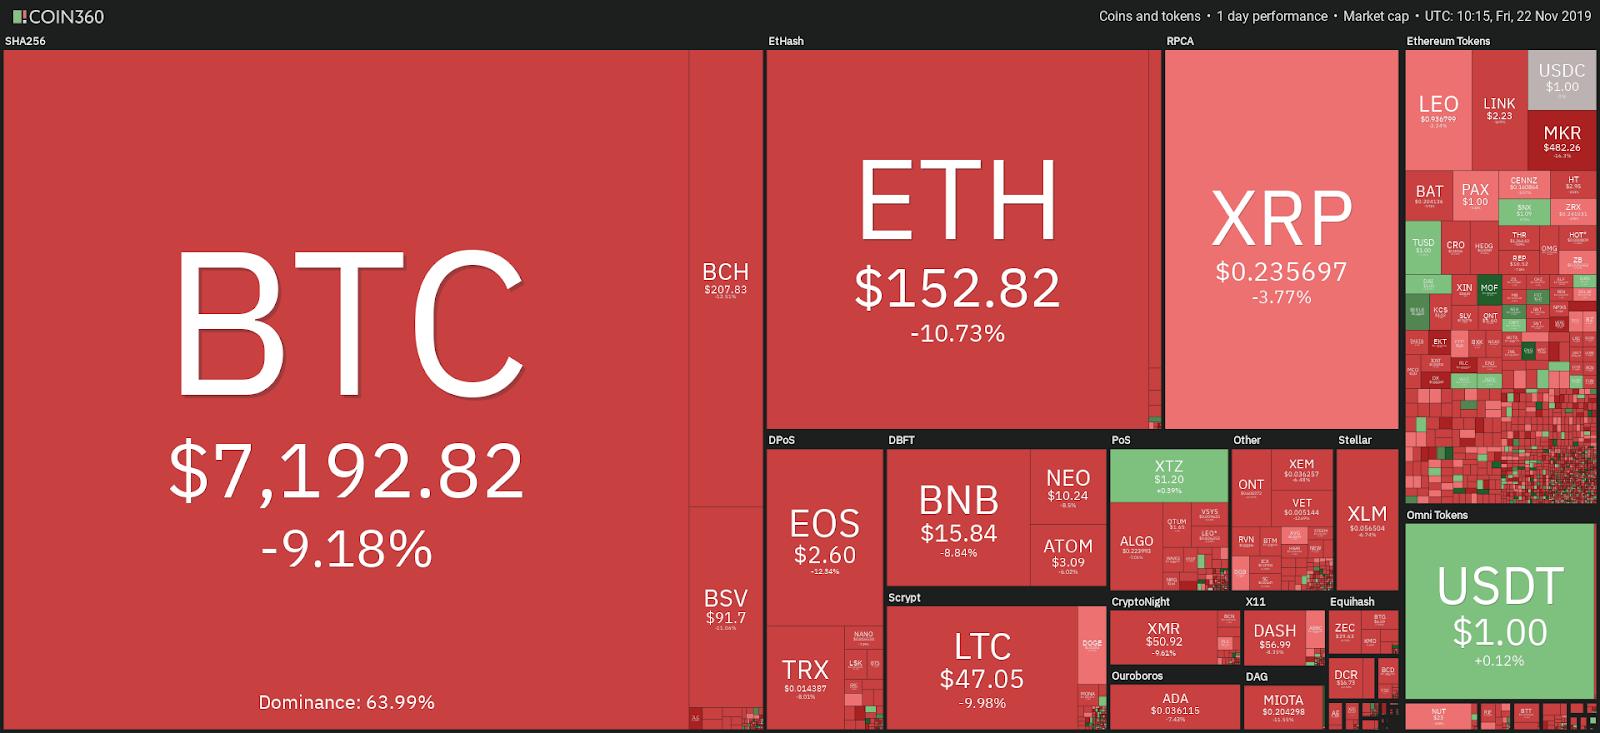 Tägliche Performance des Kryptowährungsmarktes